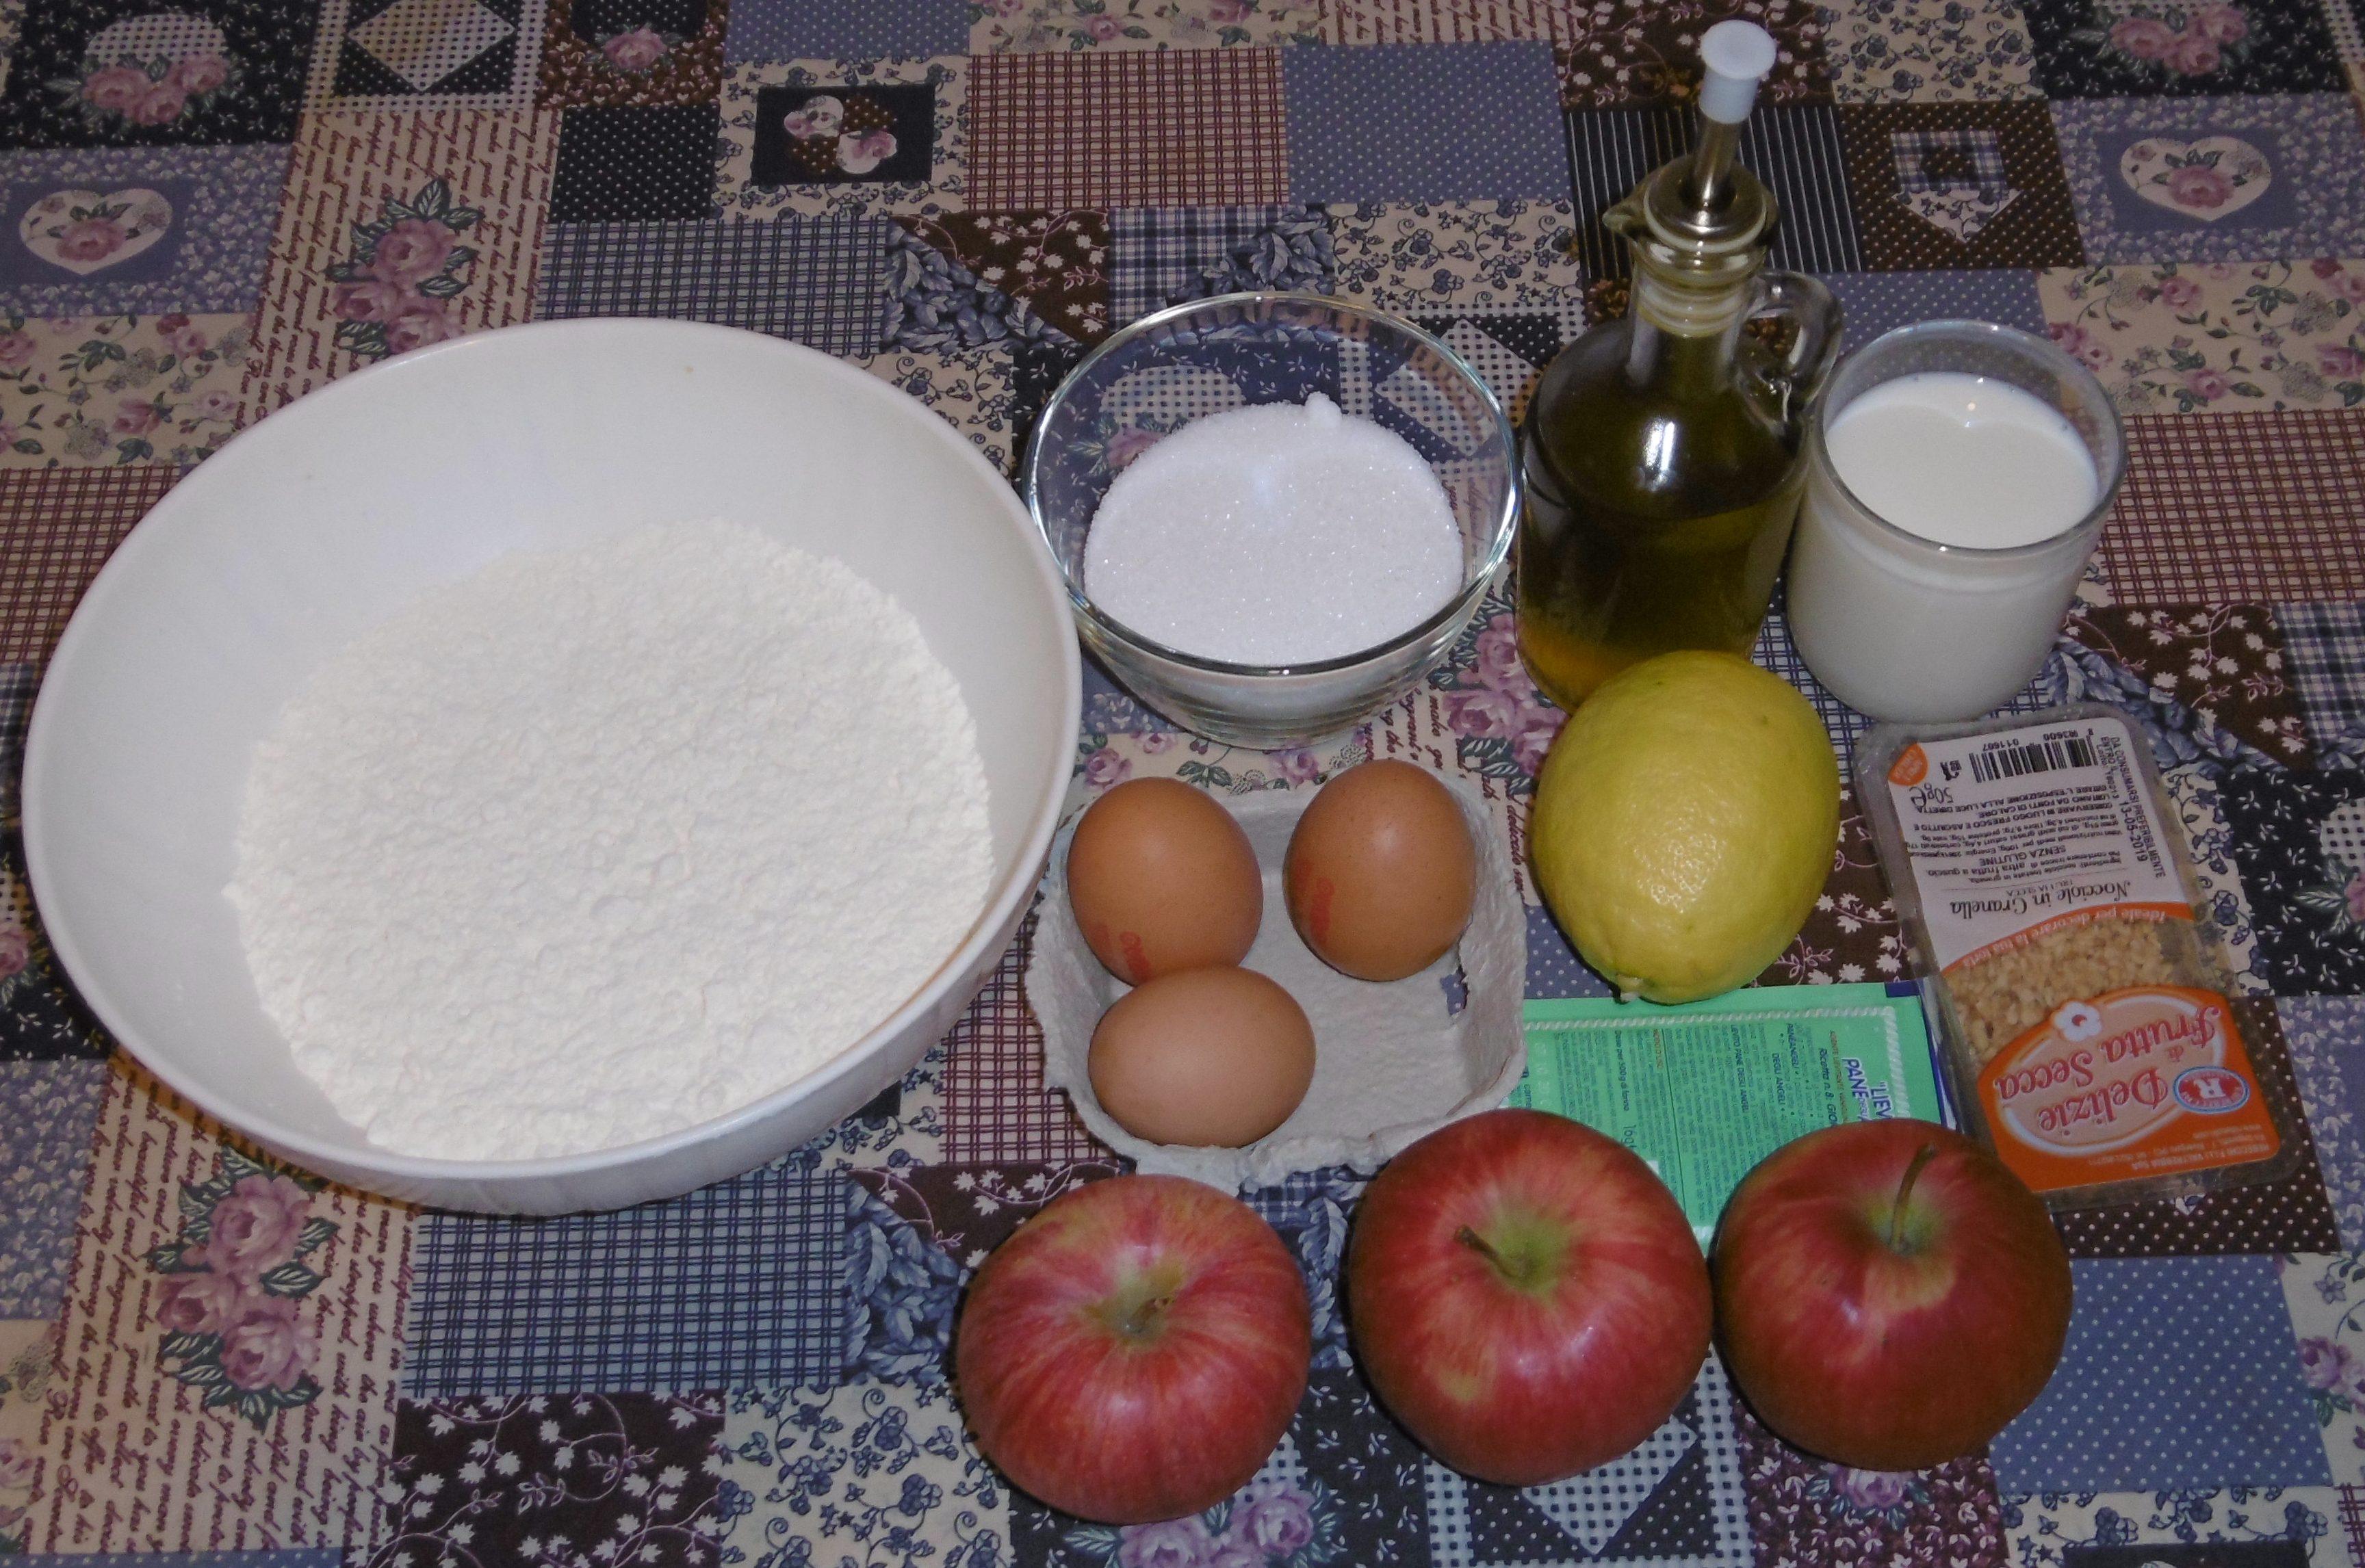 Torta di mele e nocciole - Ingredienti